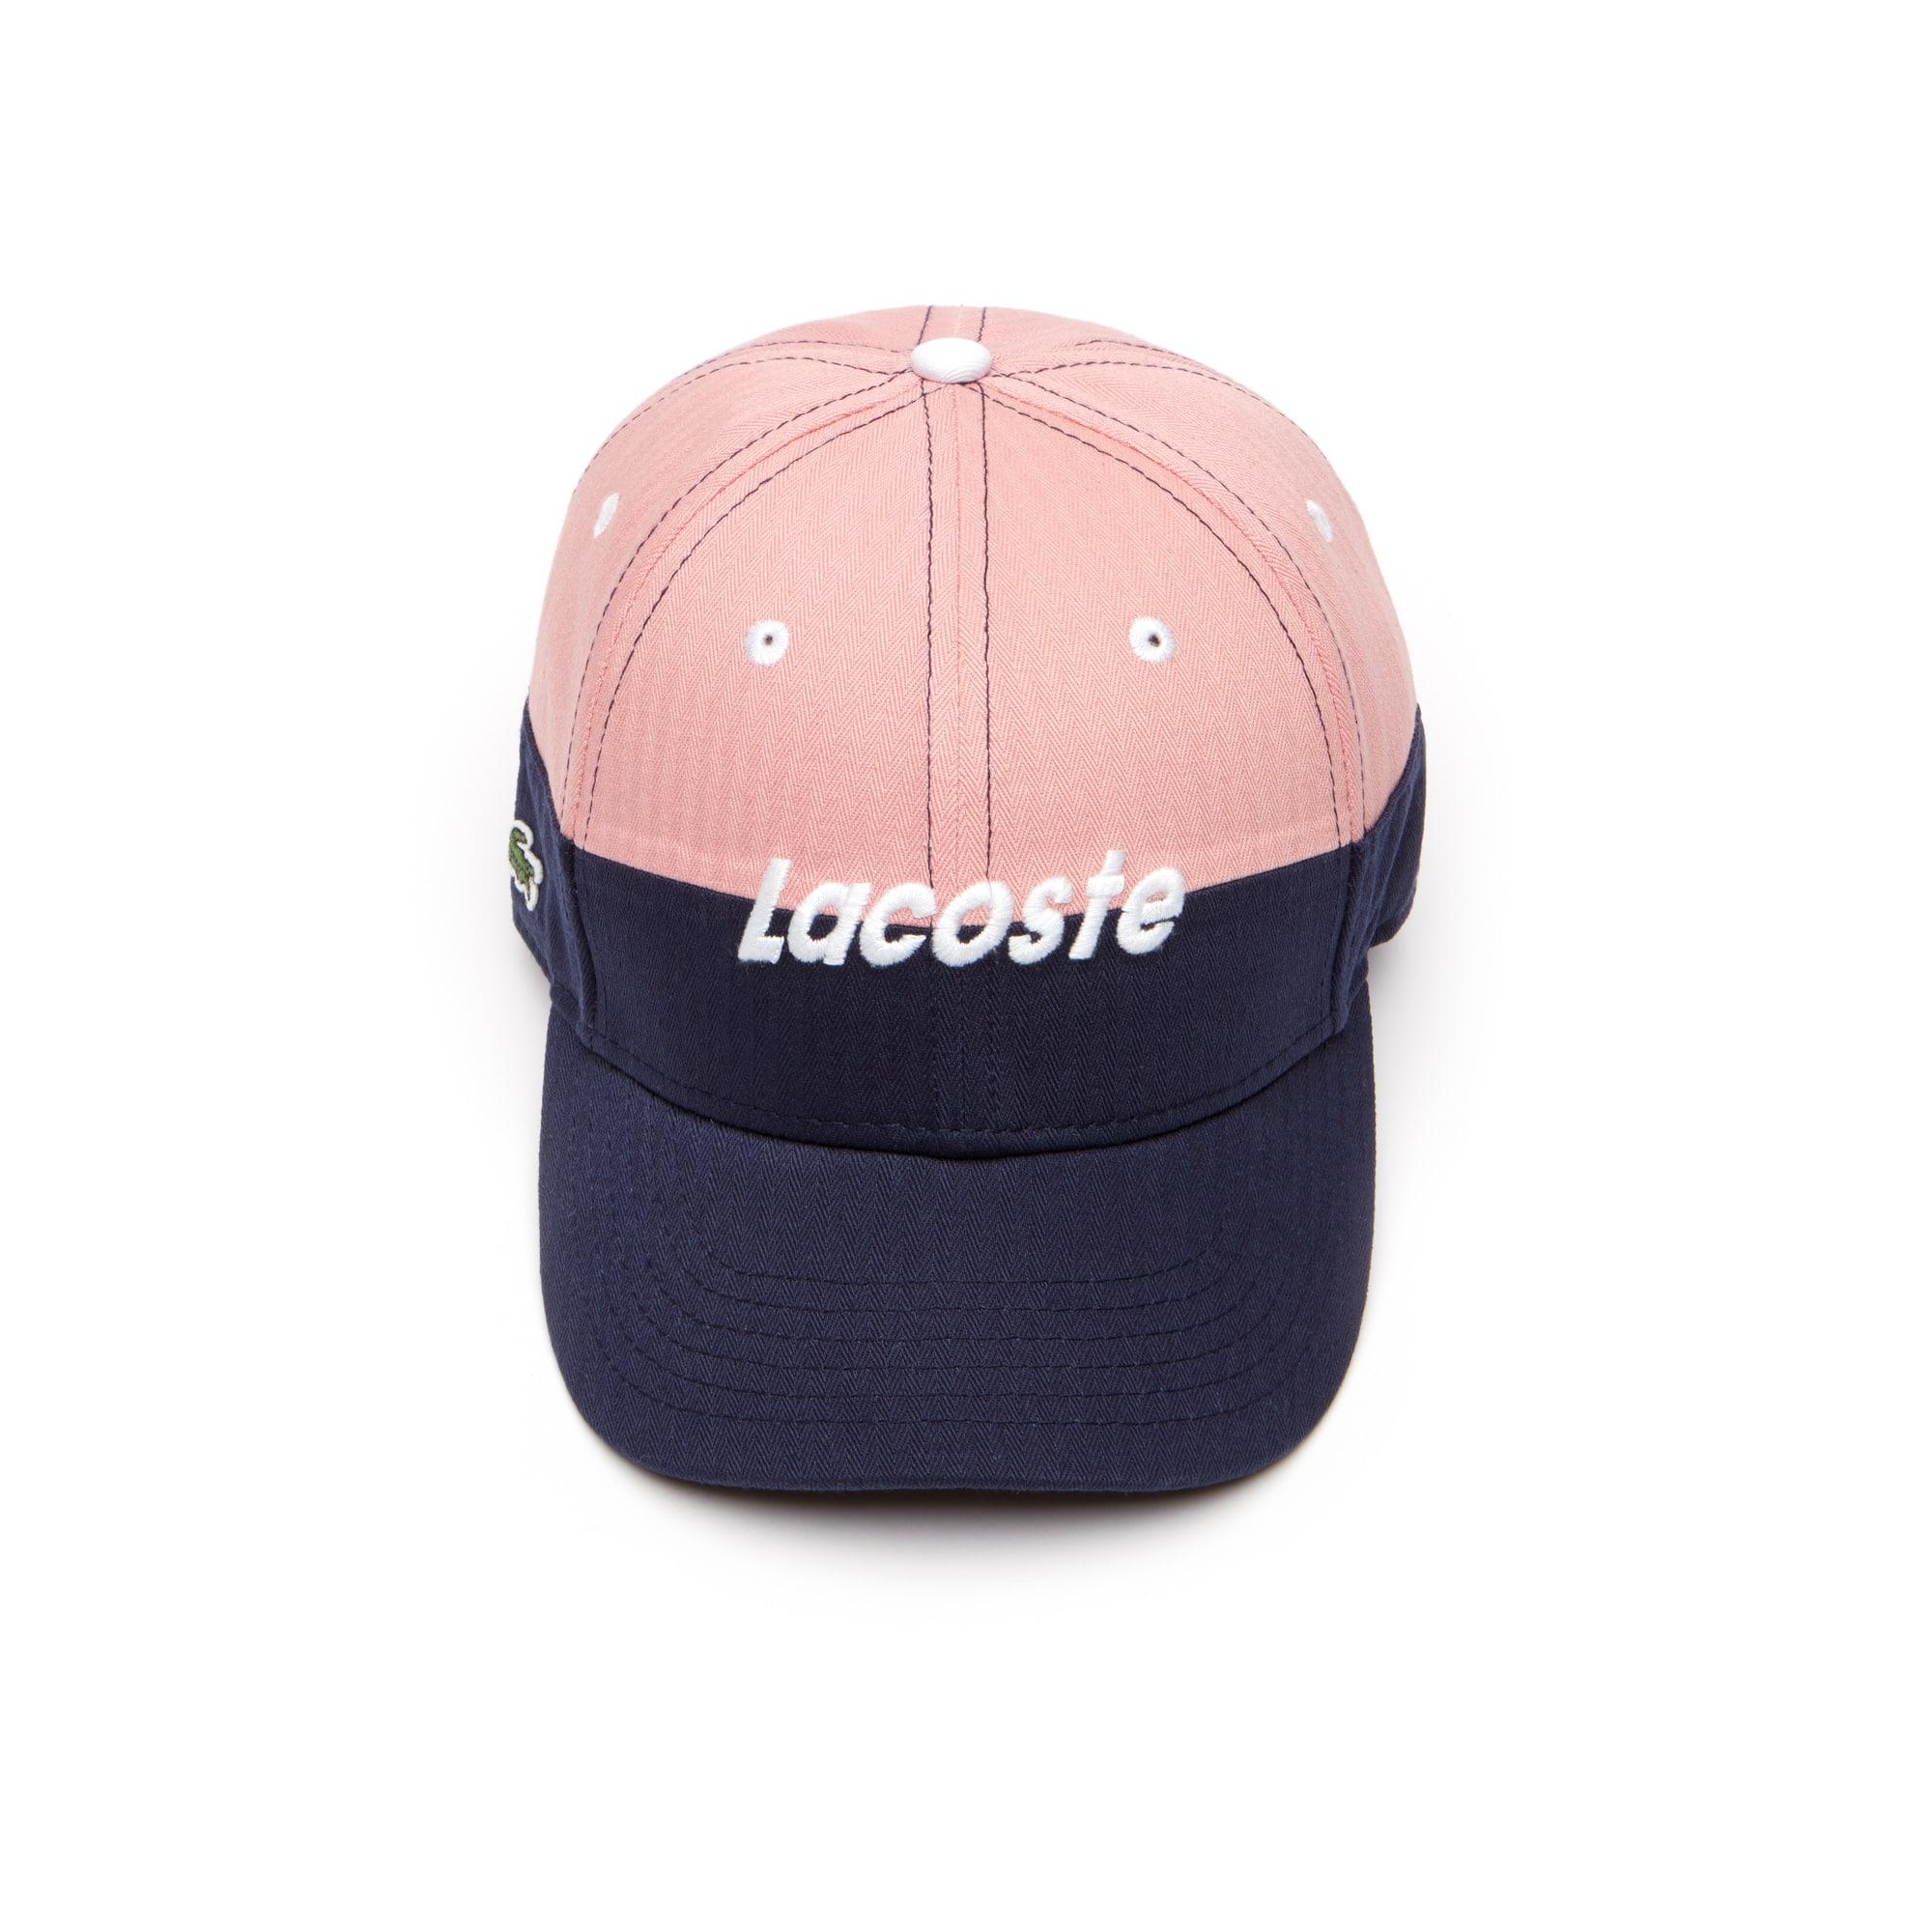 قبعة مُصنَّعة من الجبردين ثنائية اللون مزدانة بأحرف العلامة التجارية Lacoste للصبيان.